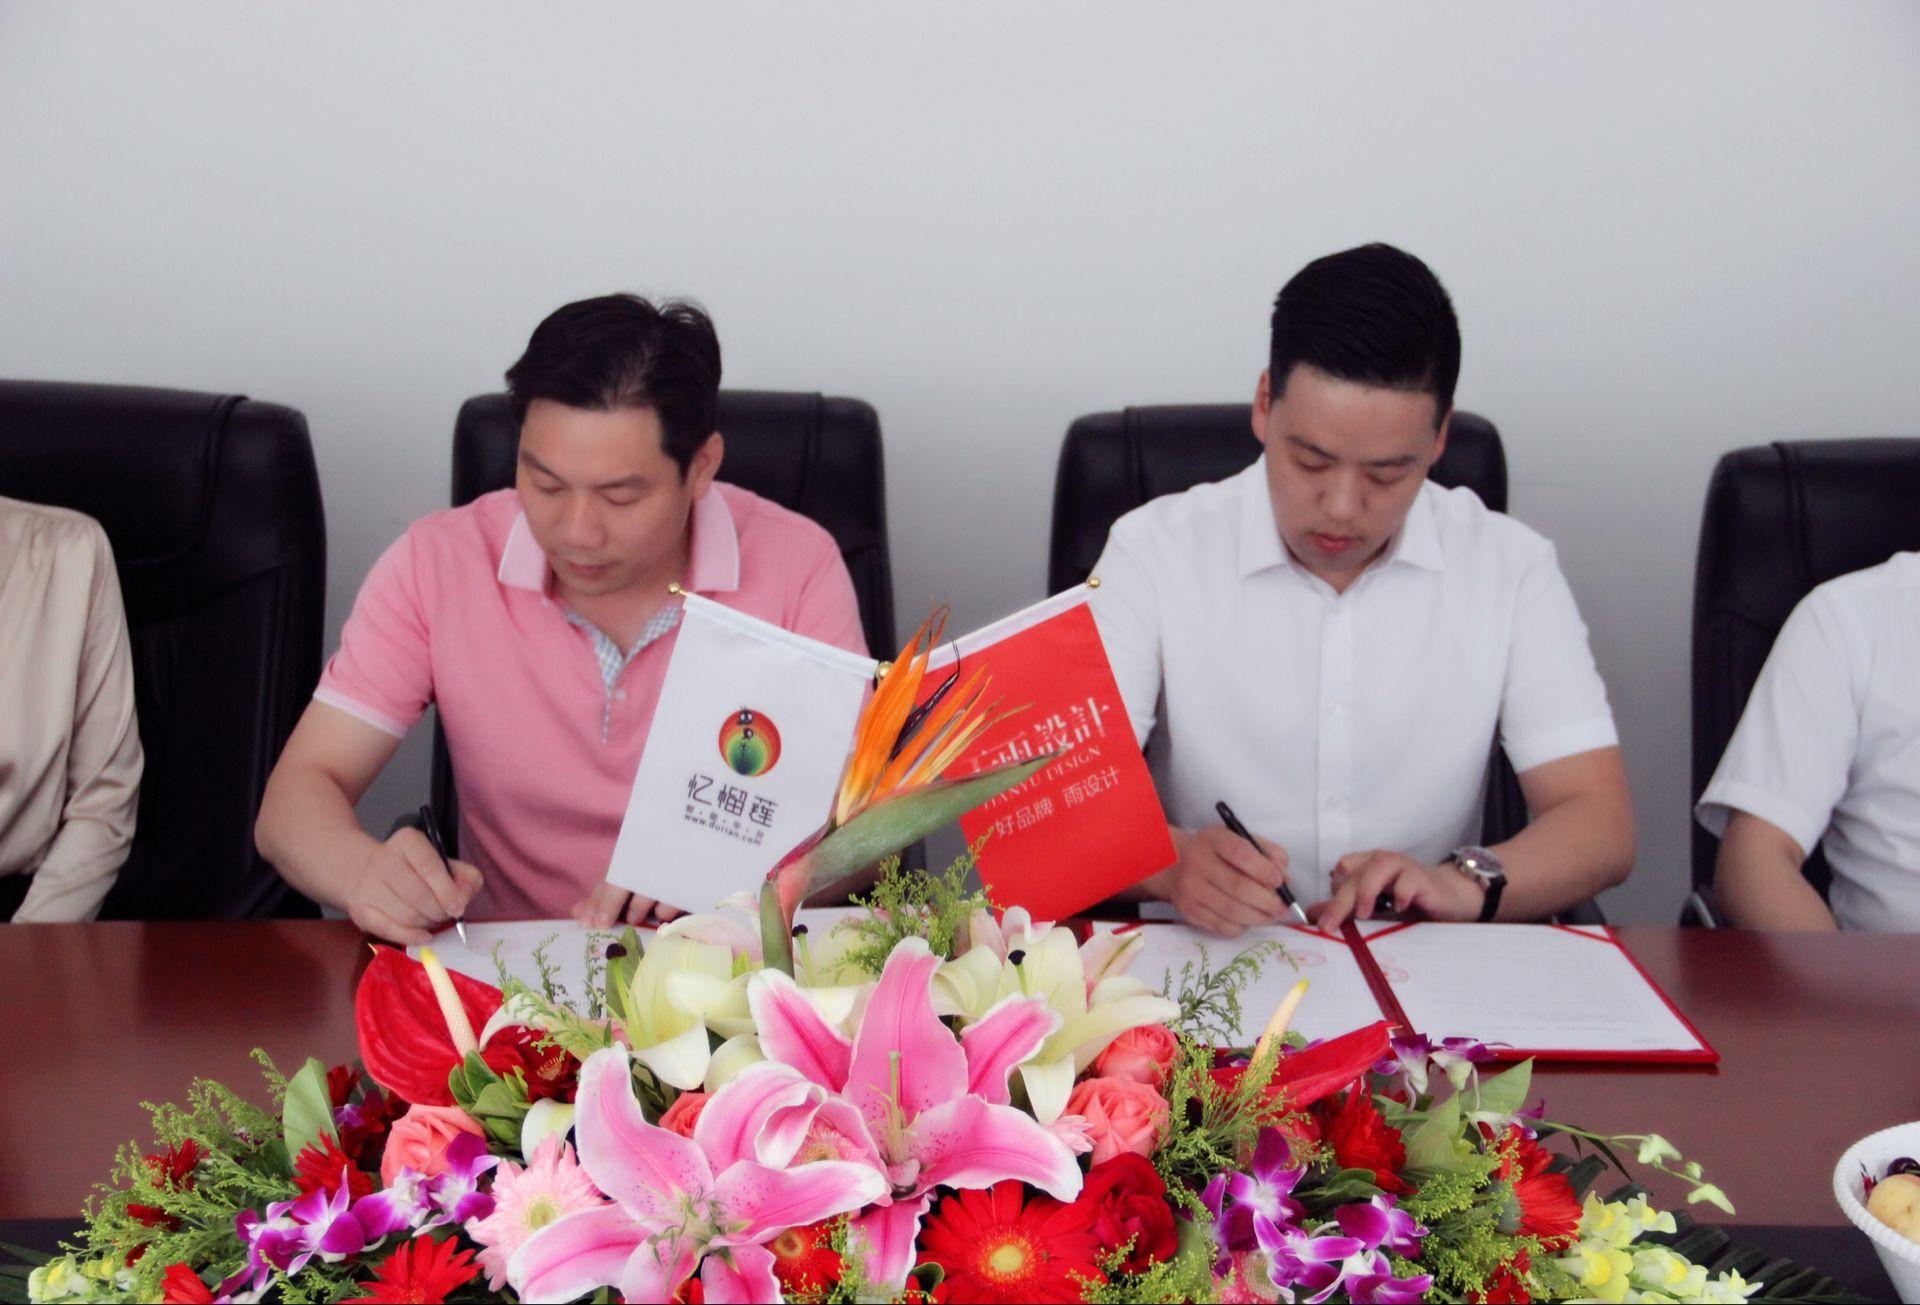 忆榴莲与天雨传媒就品牌战略合作举行签约仪式